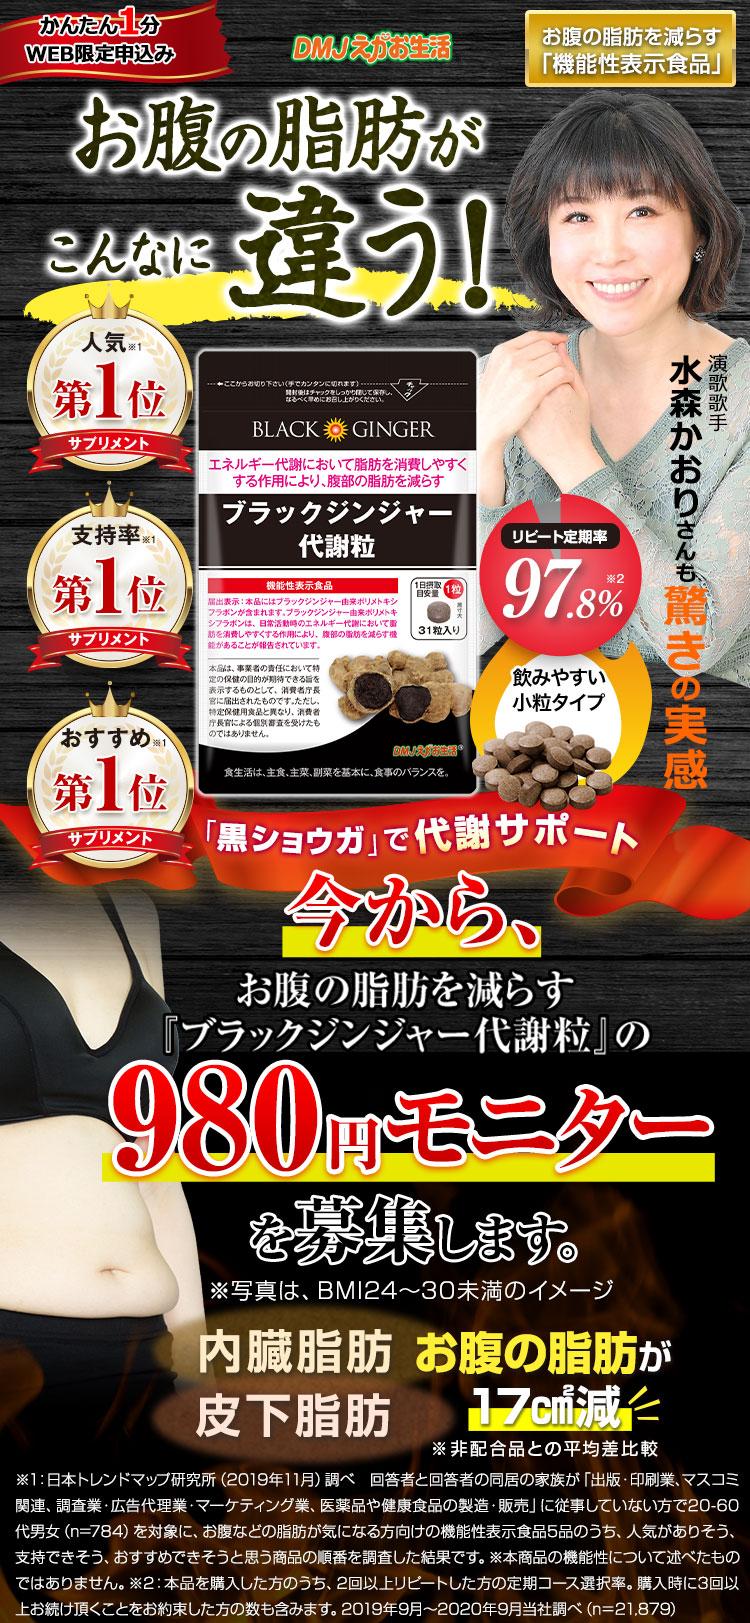 ブラックジンジャー代謝粒 お腹の脂肪が17平方センチメートル減少!内臓脂肪も皮下脂肪も黒ショウガで代謝サポート!お腹の脂肪がこんなに違う